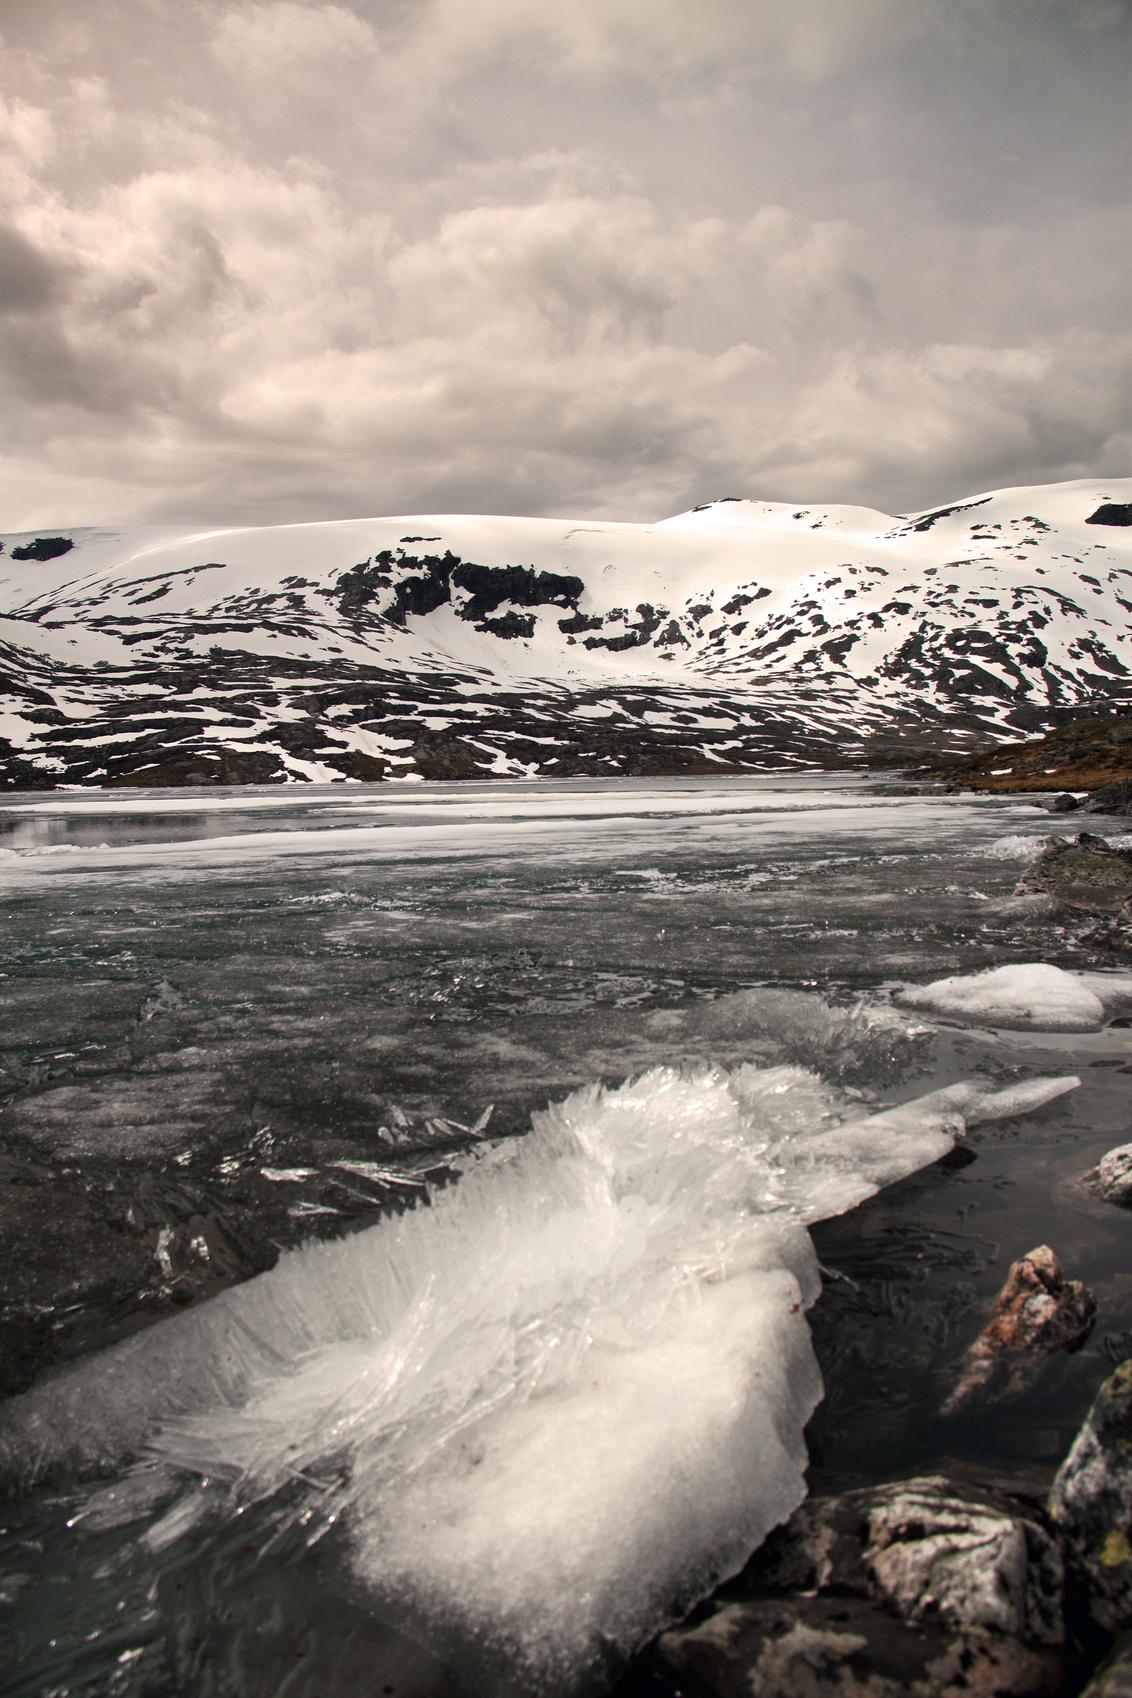 Noorwegen (5) - Noorwegen, juni 2013 - foto door hillegonda op 24-08-2013 - deze foto bevat: lucht, water, sneeuw, ijs, bergen, noorwegen